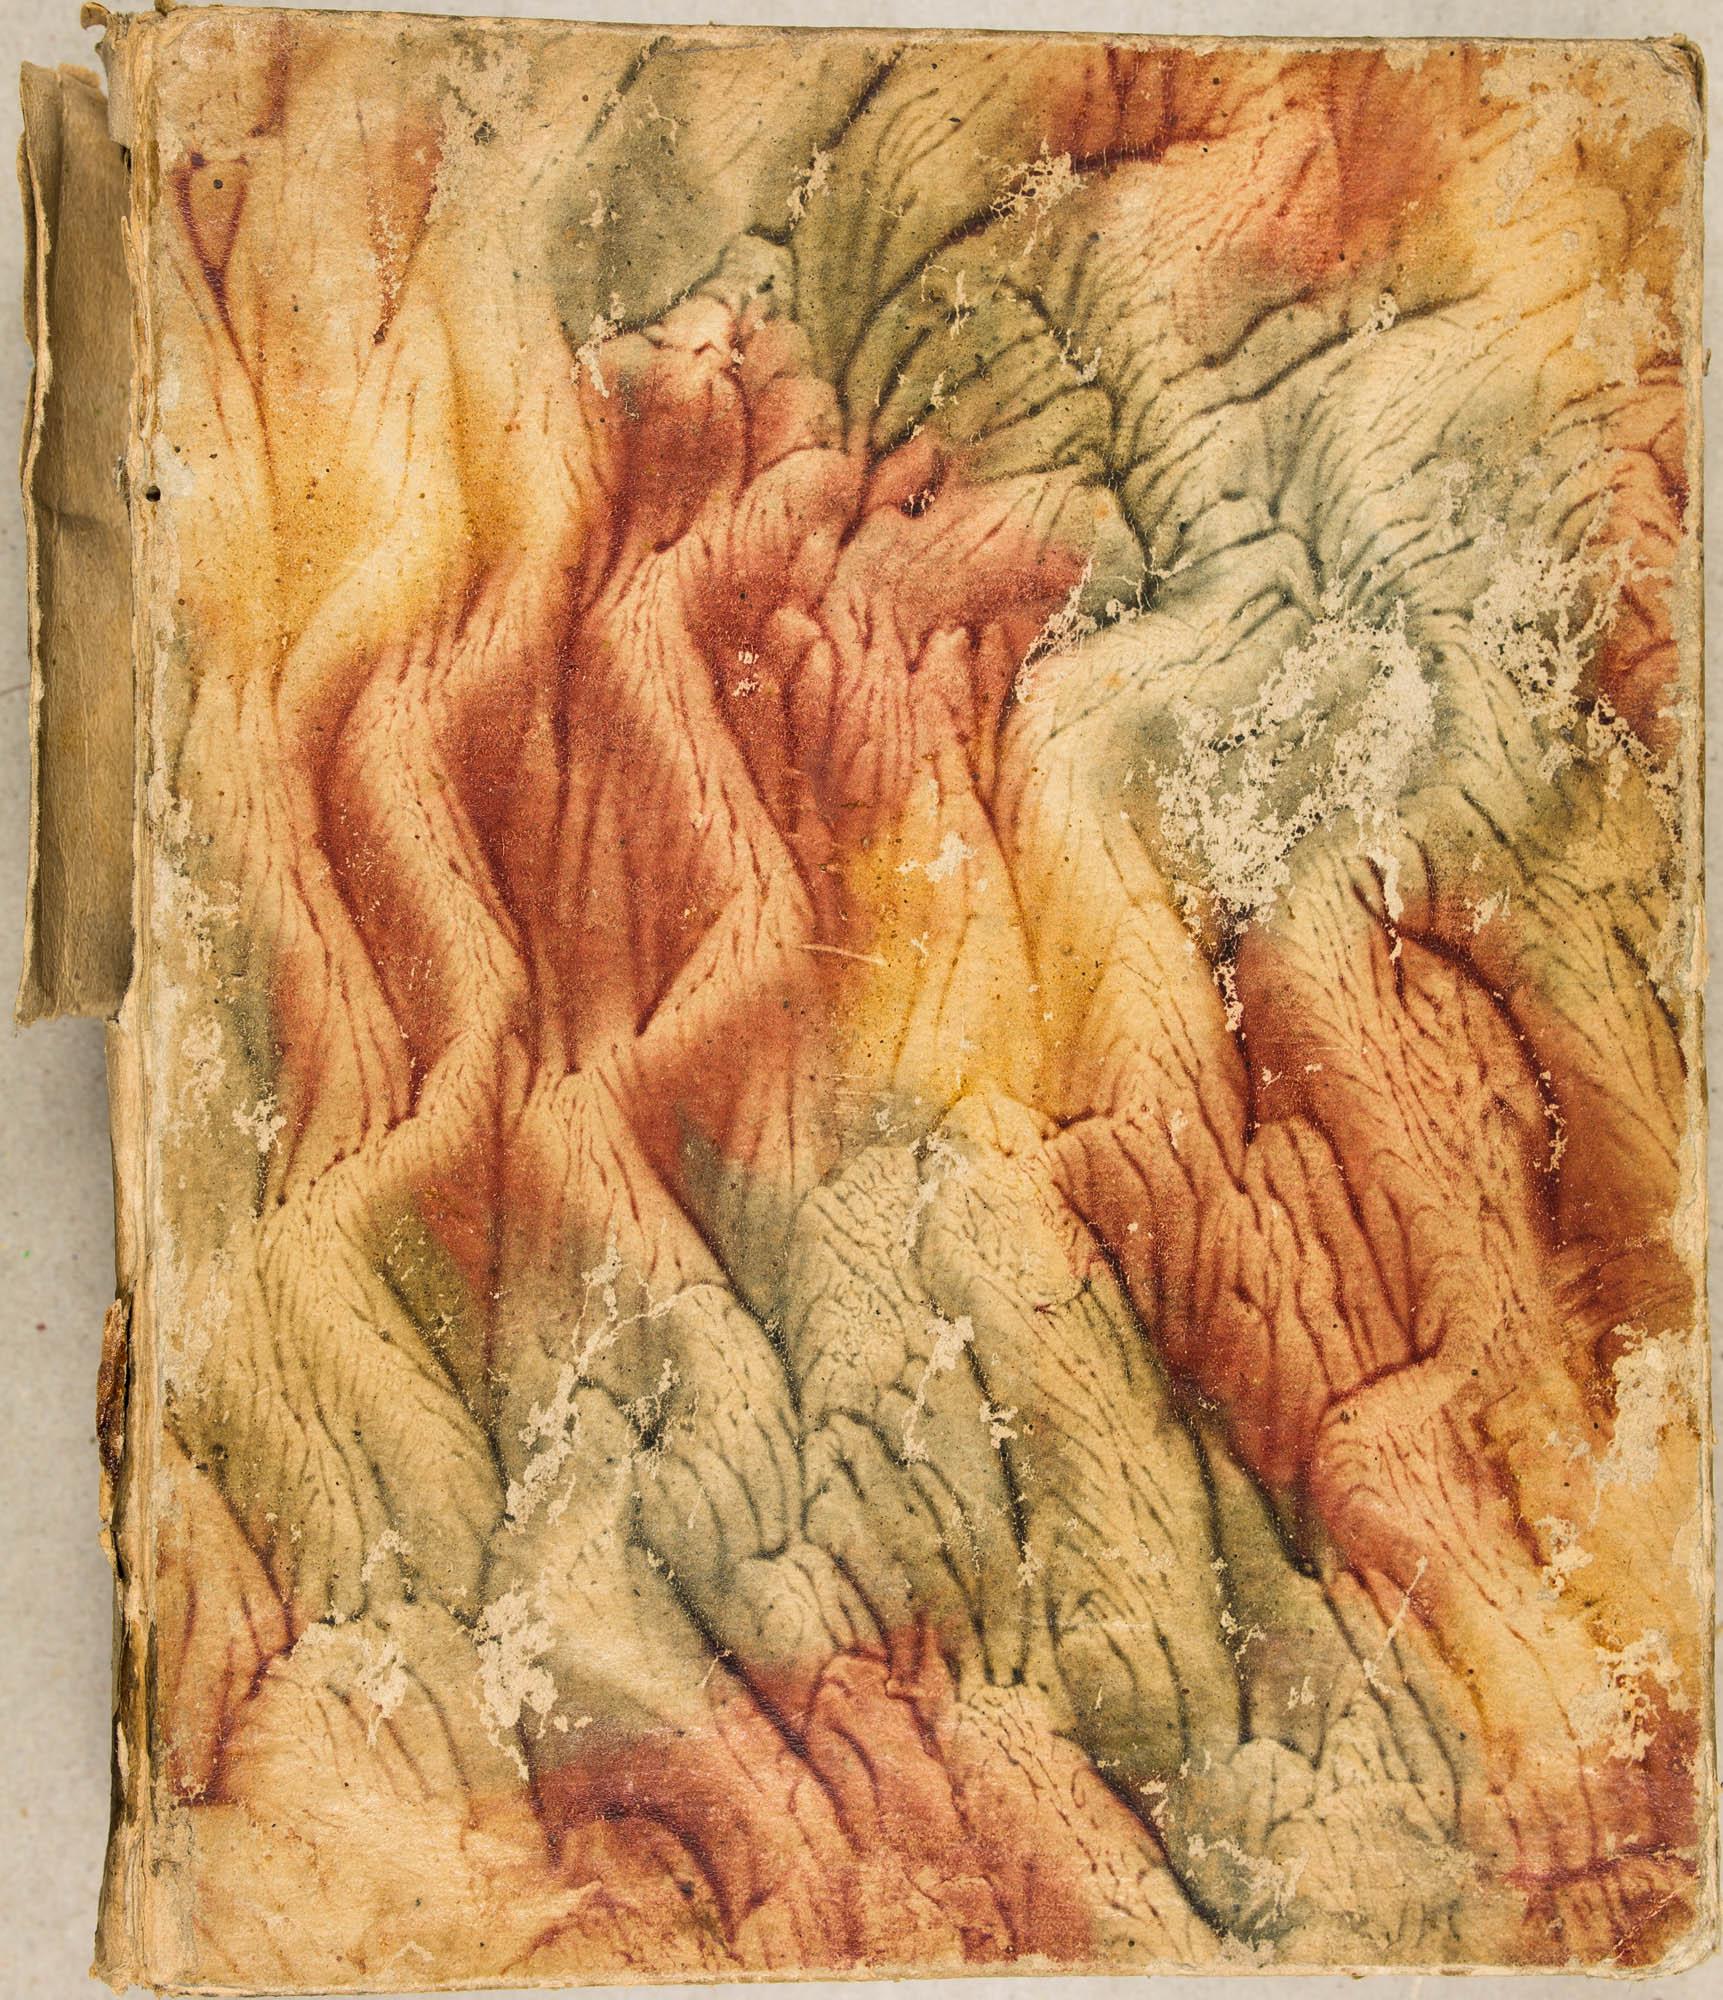 Papier tiré, décor à la colle de style nuée. XVIIIe s.